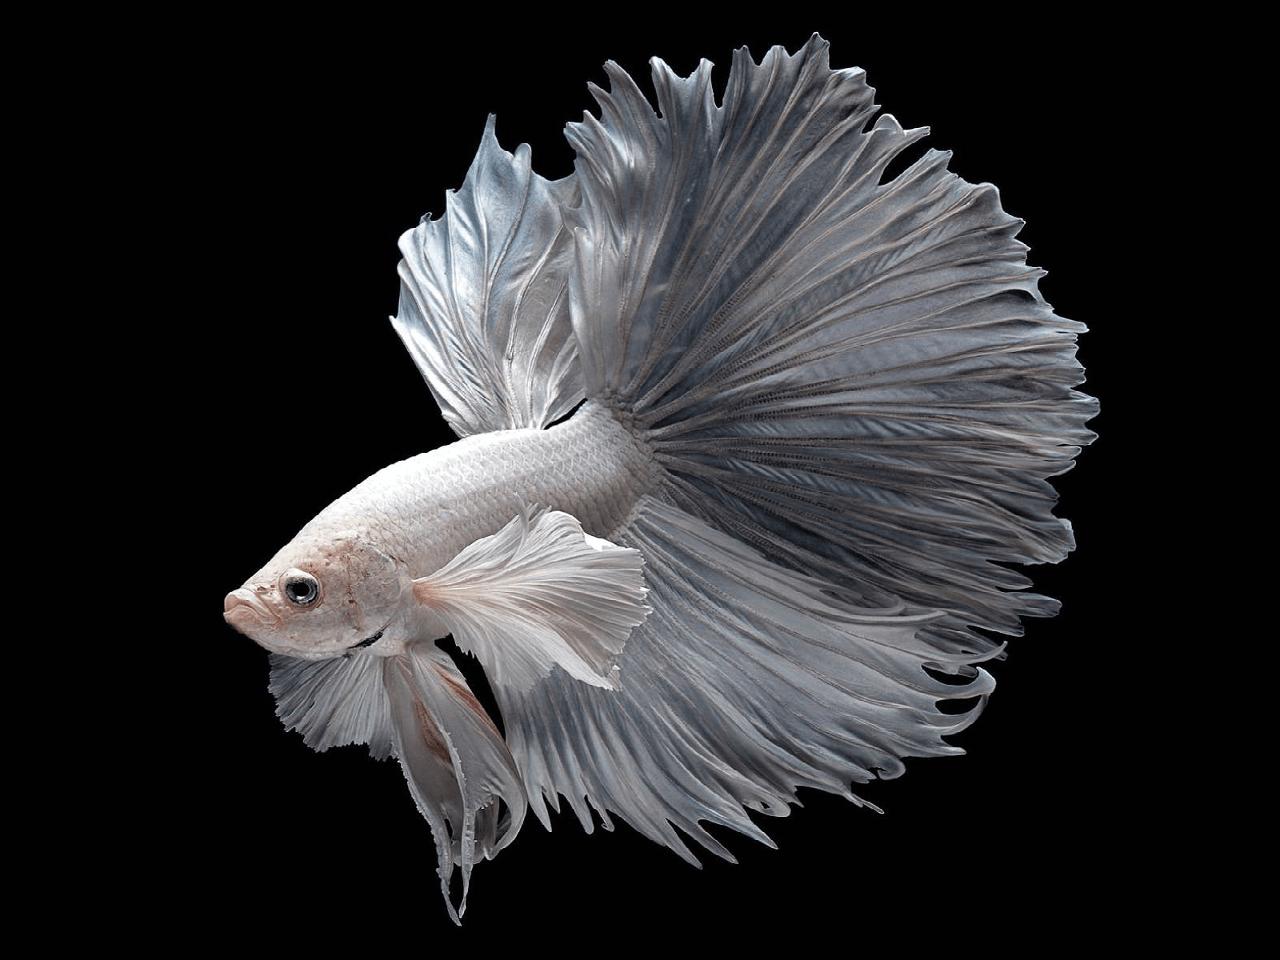 Witte Betta vis